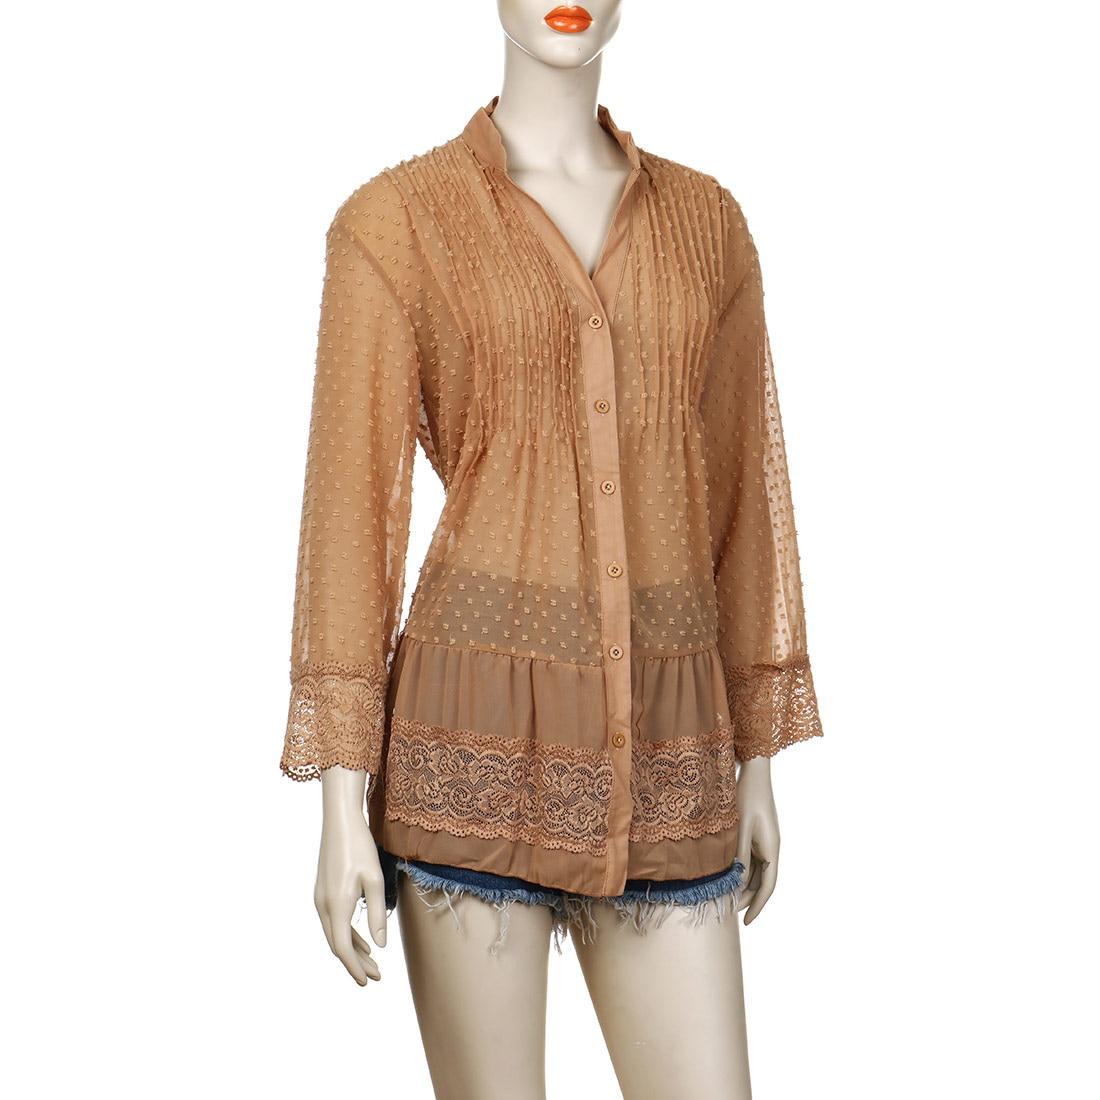 Image 5 - 2020 Large Size 4xl 5xl Summer Clothing Lace Shirts Loose Chiffon Dress Loose blouse shirt Sleeve V Neck Shirt Female BlousesBlouses & Shirts   -